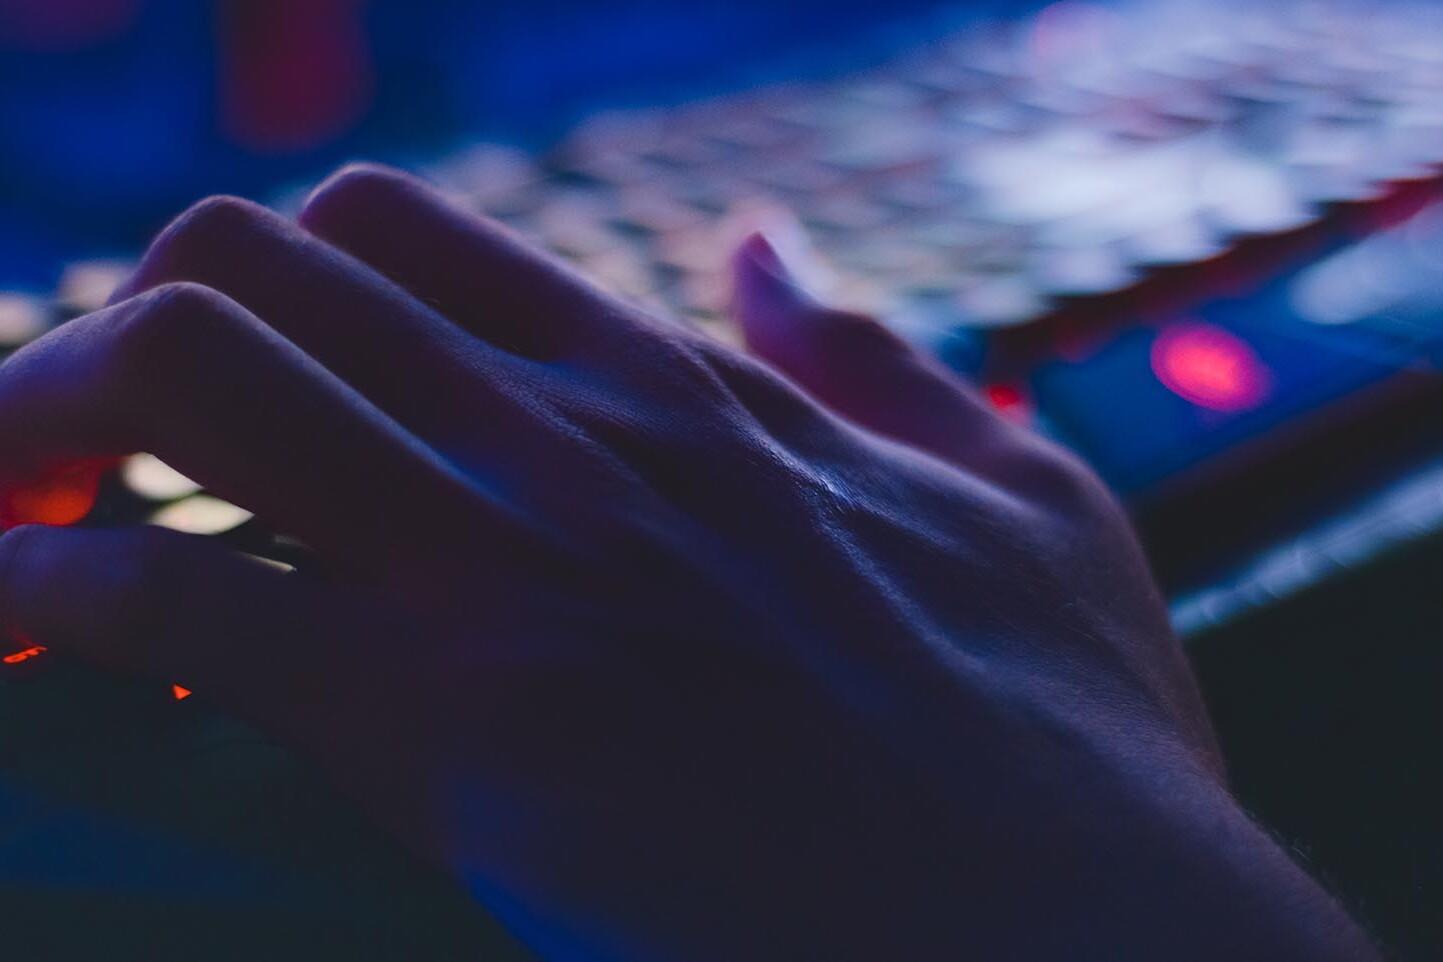 Monitorare le password ti garantisce il massimo della sicurezza